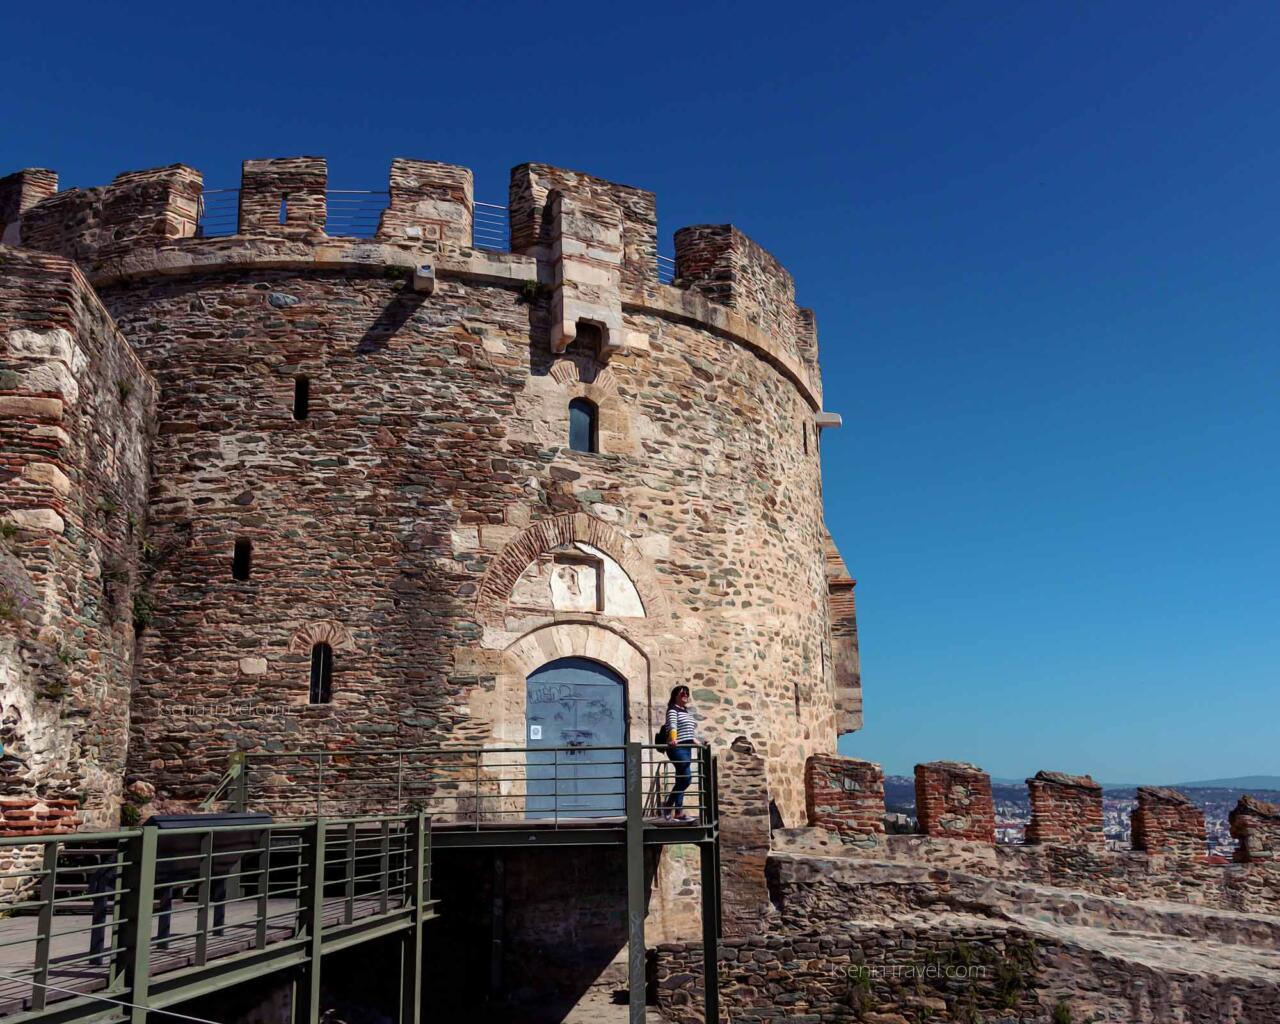 Башня тригониу, крепостные стены Салоники, Греция